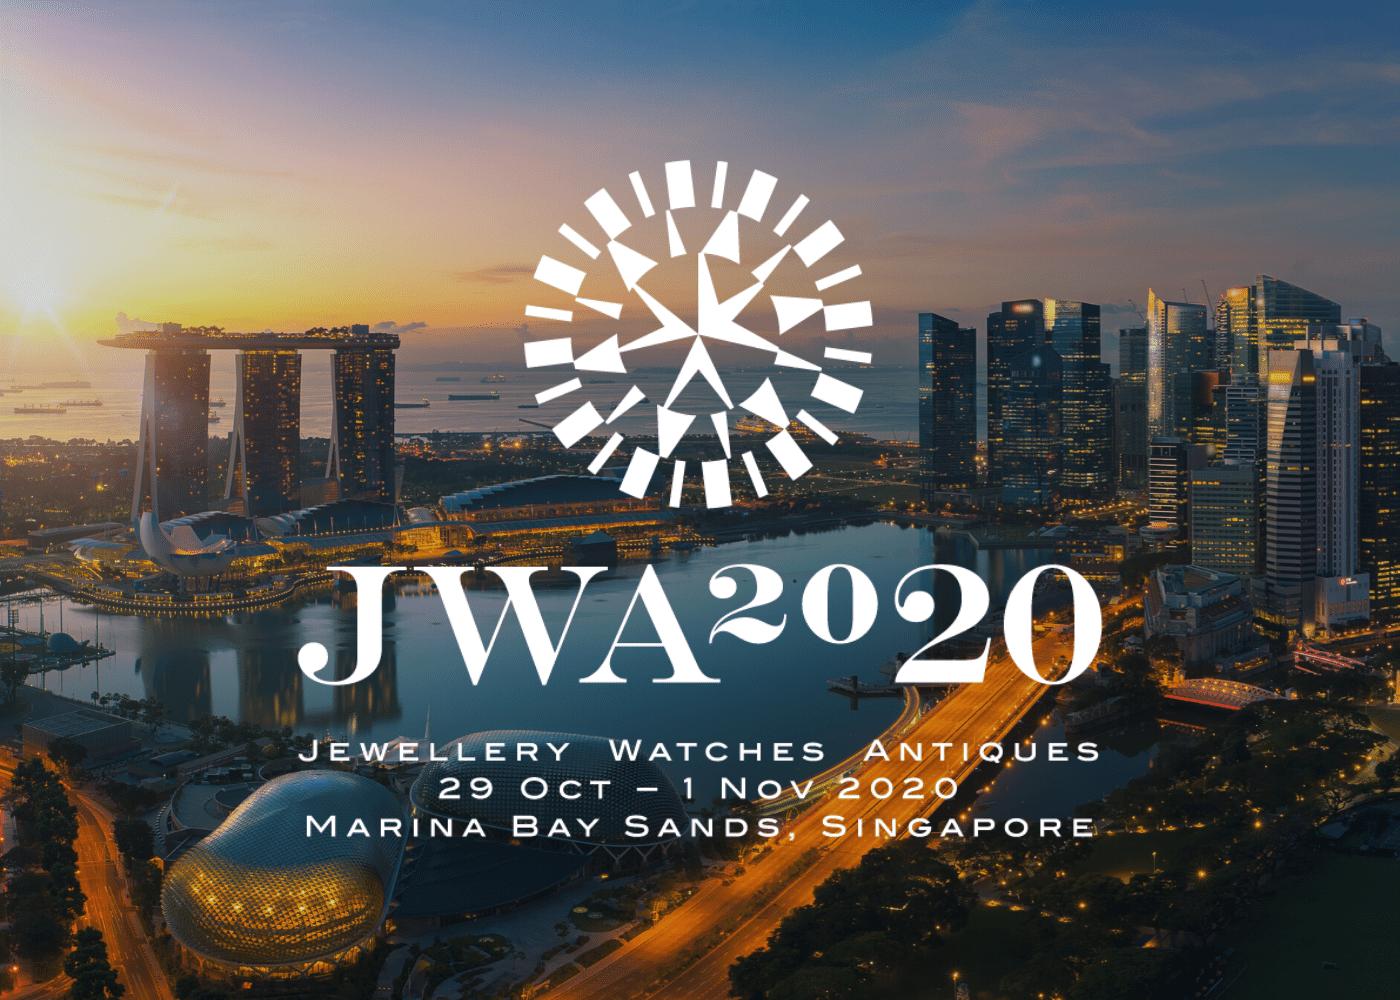 JWA 2020